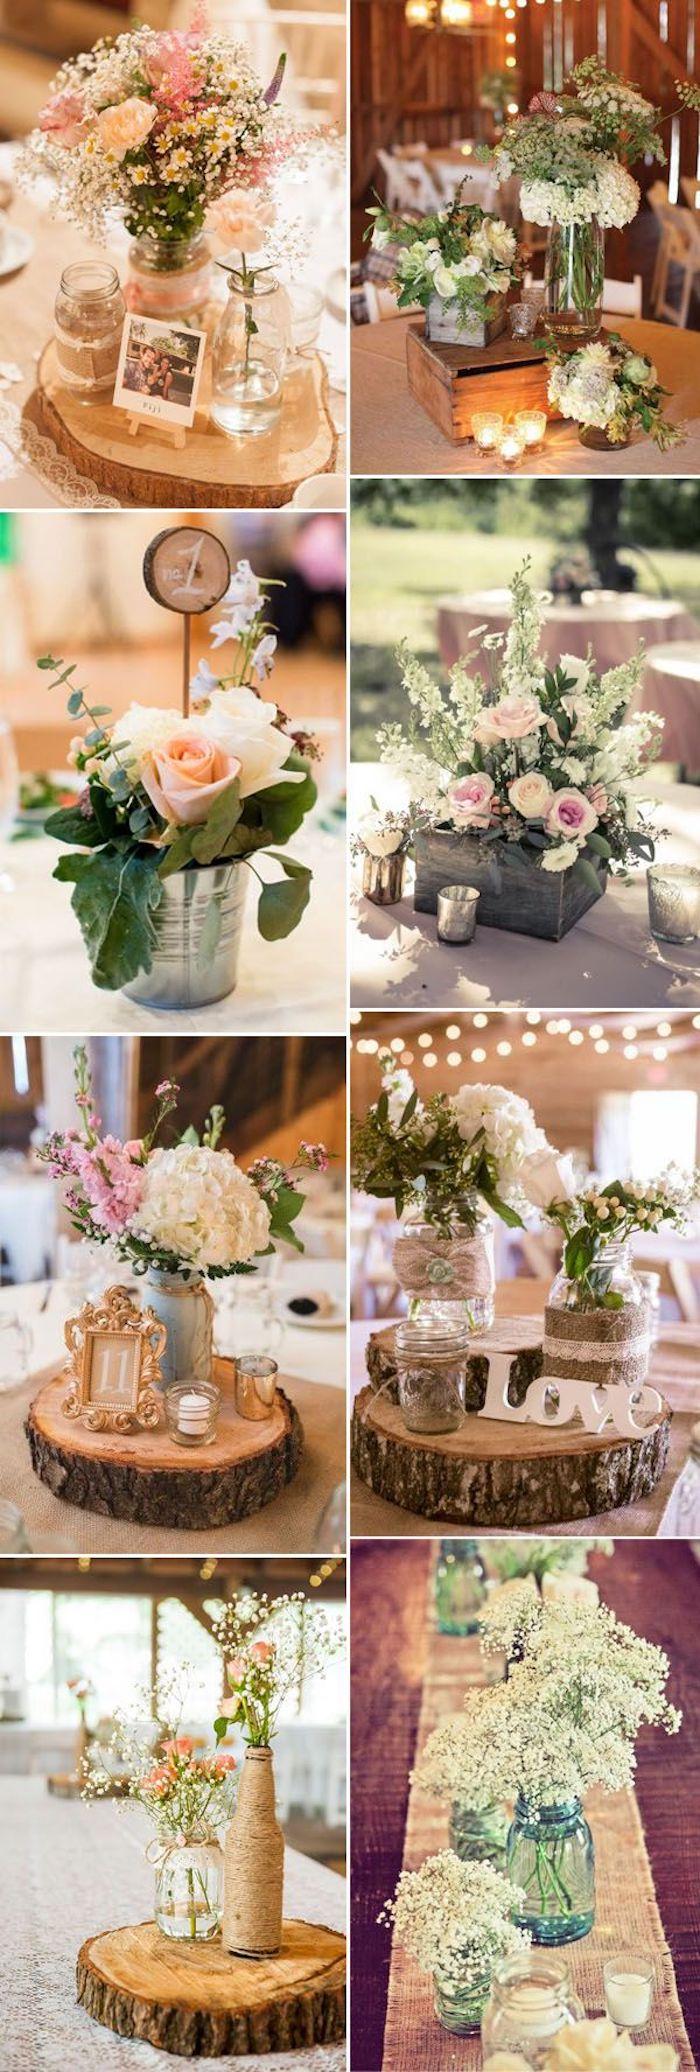 Belle deco mariage champetre a faire soi-meme, fleurs couleurs pastel mariage champetre chic avec chouettes décoraions